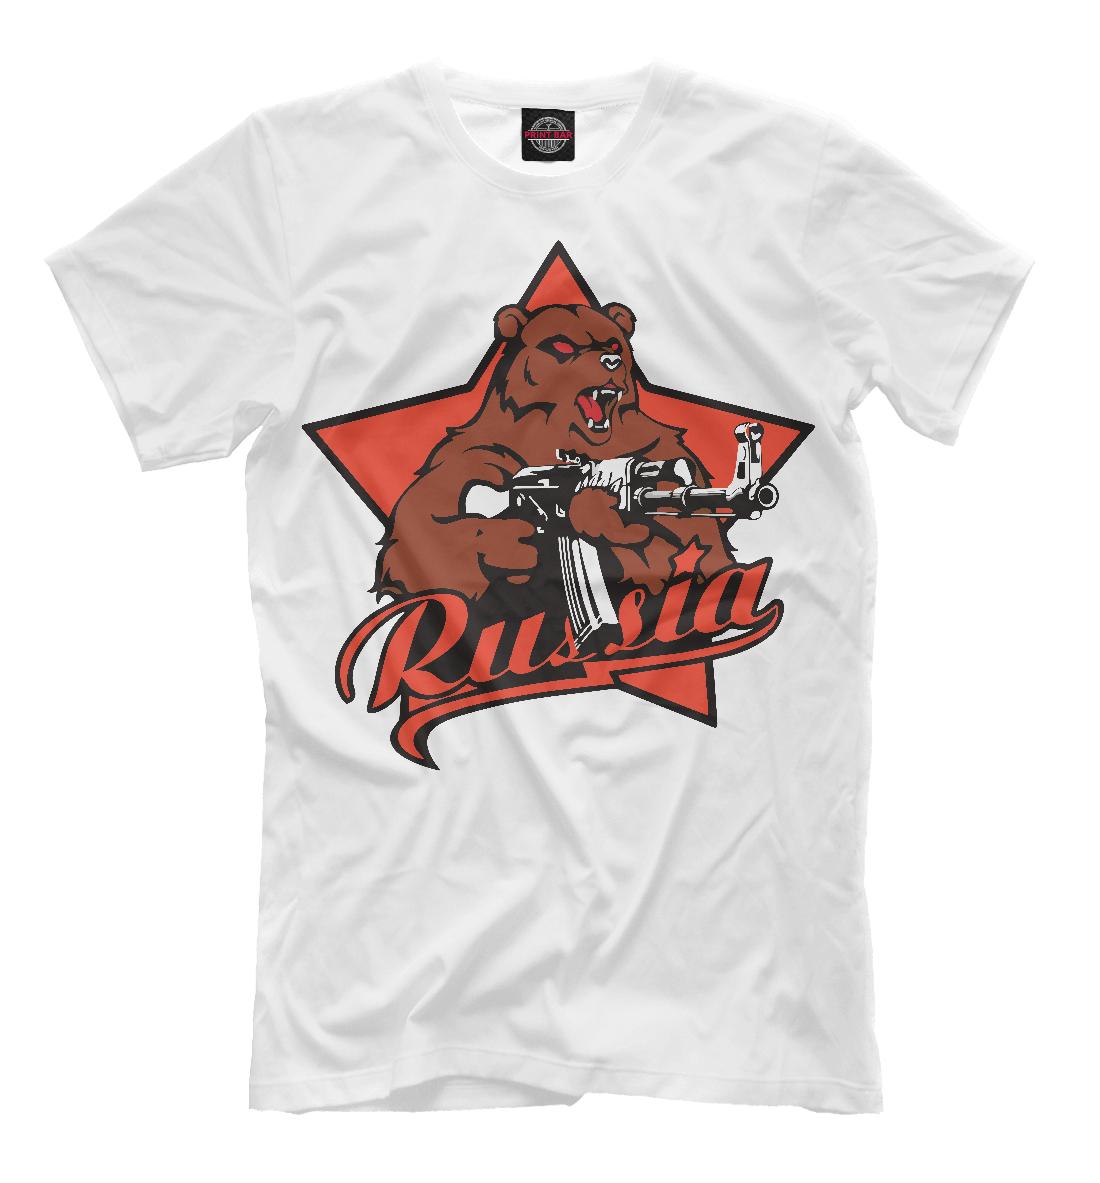 Купить Медведь с автоматом, Printbar, Футболки, SSS-583676-fut-2